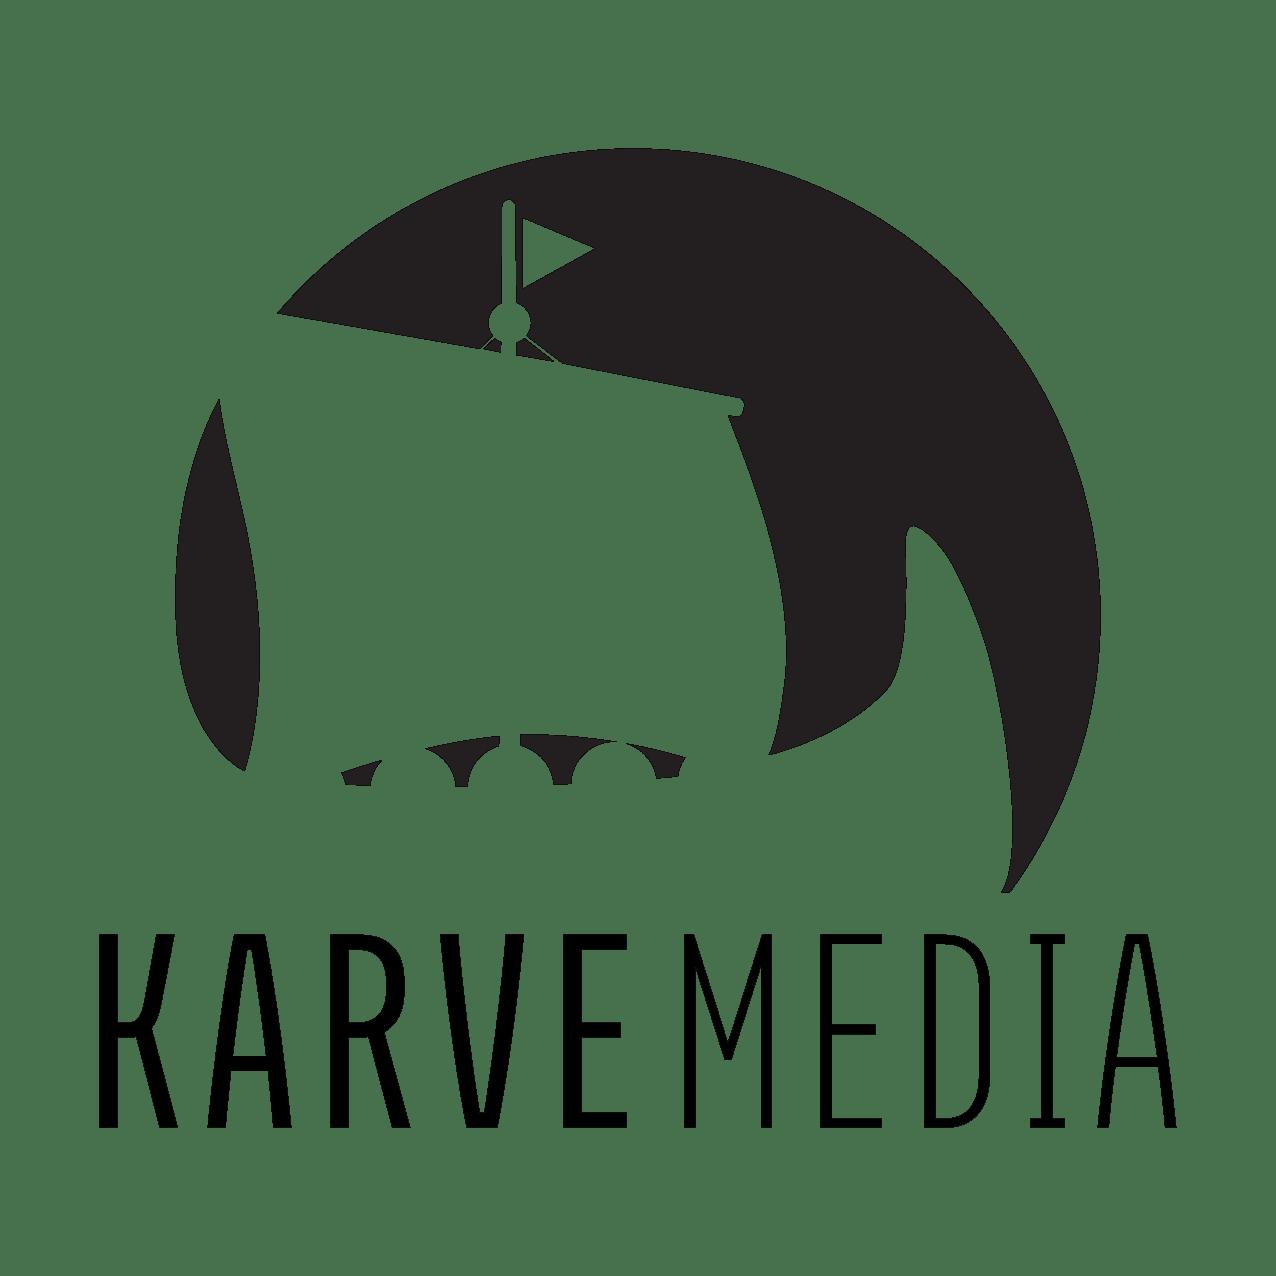 Karve Media